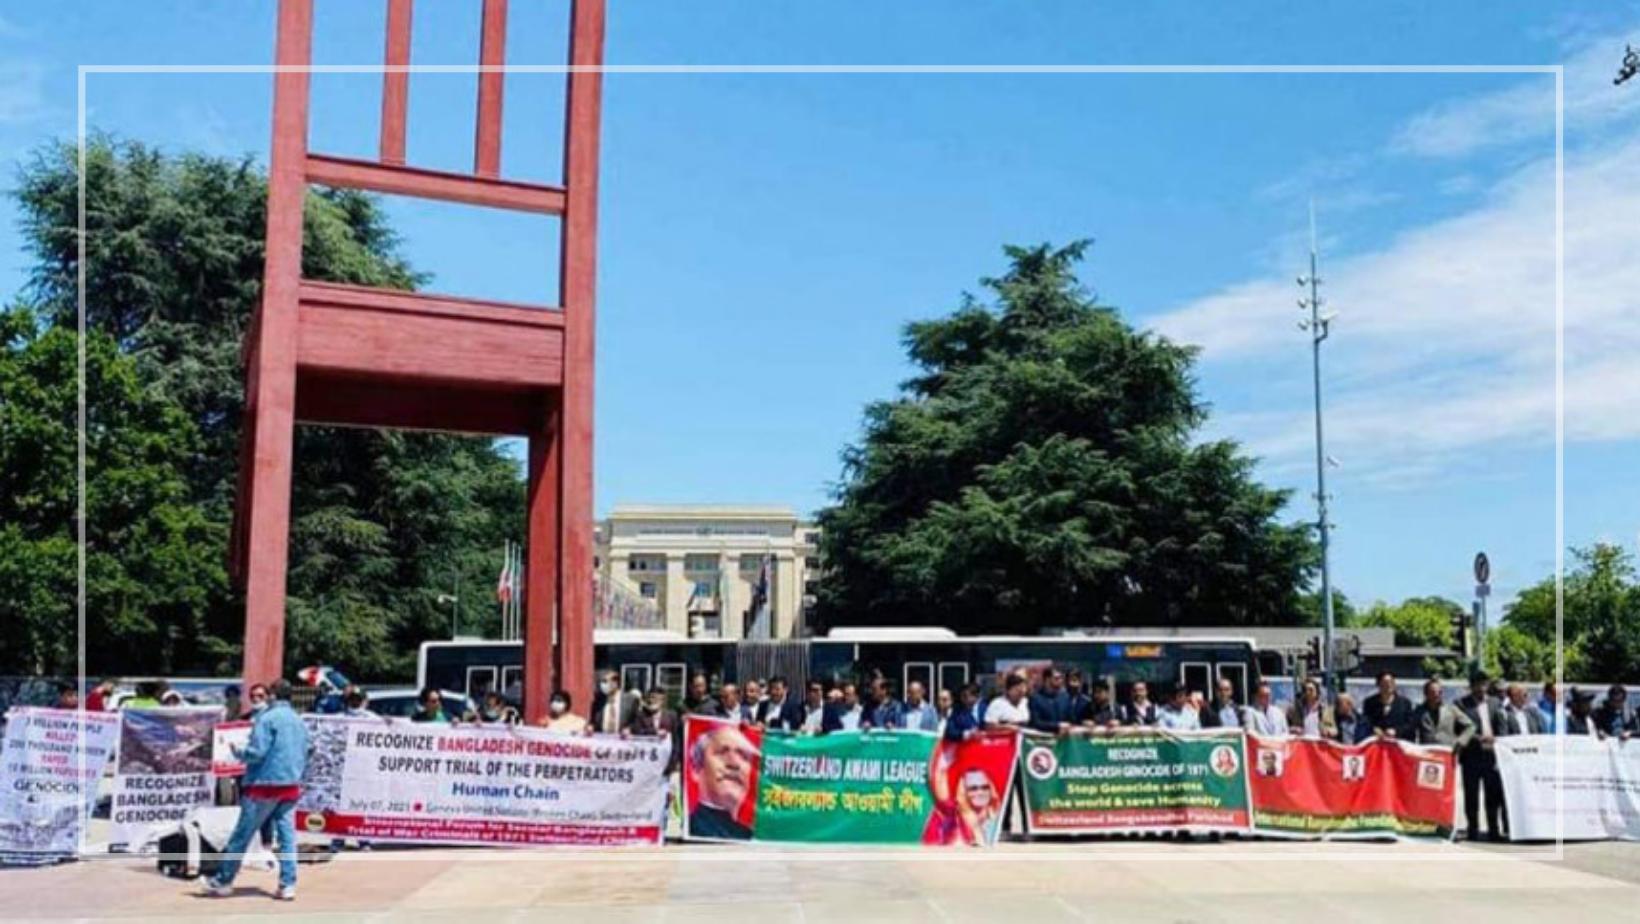 গণহত্যার আন্তর্জাতিক স্বীকৃতির দাবিতে জেনেভায় মানববন্ধন